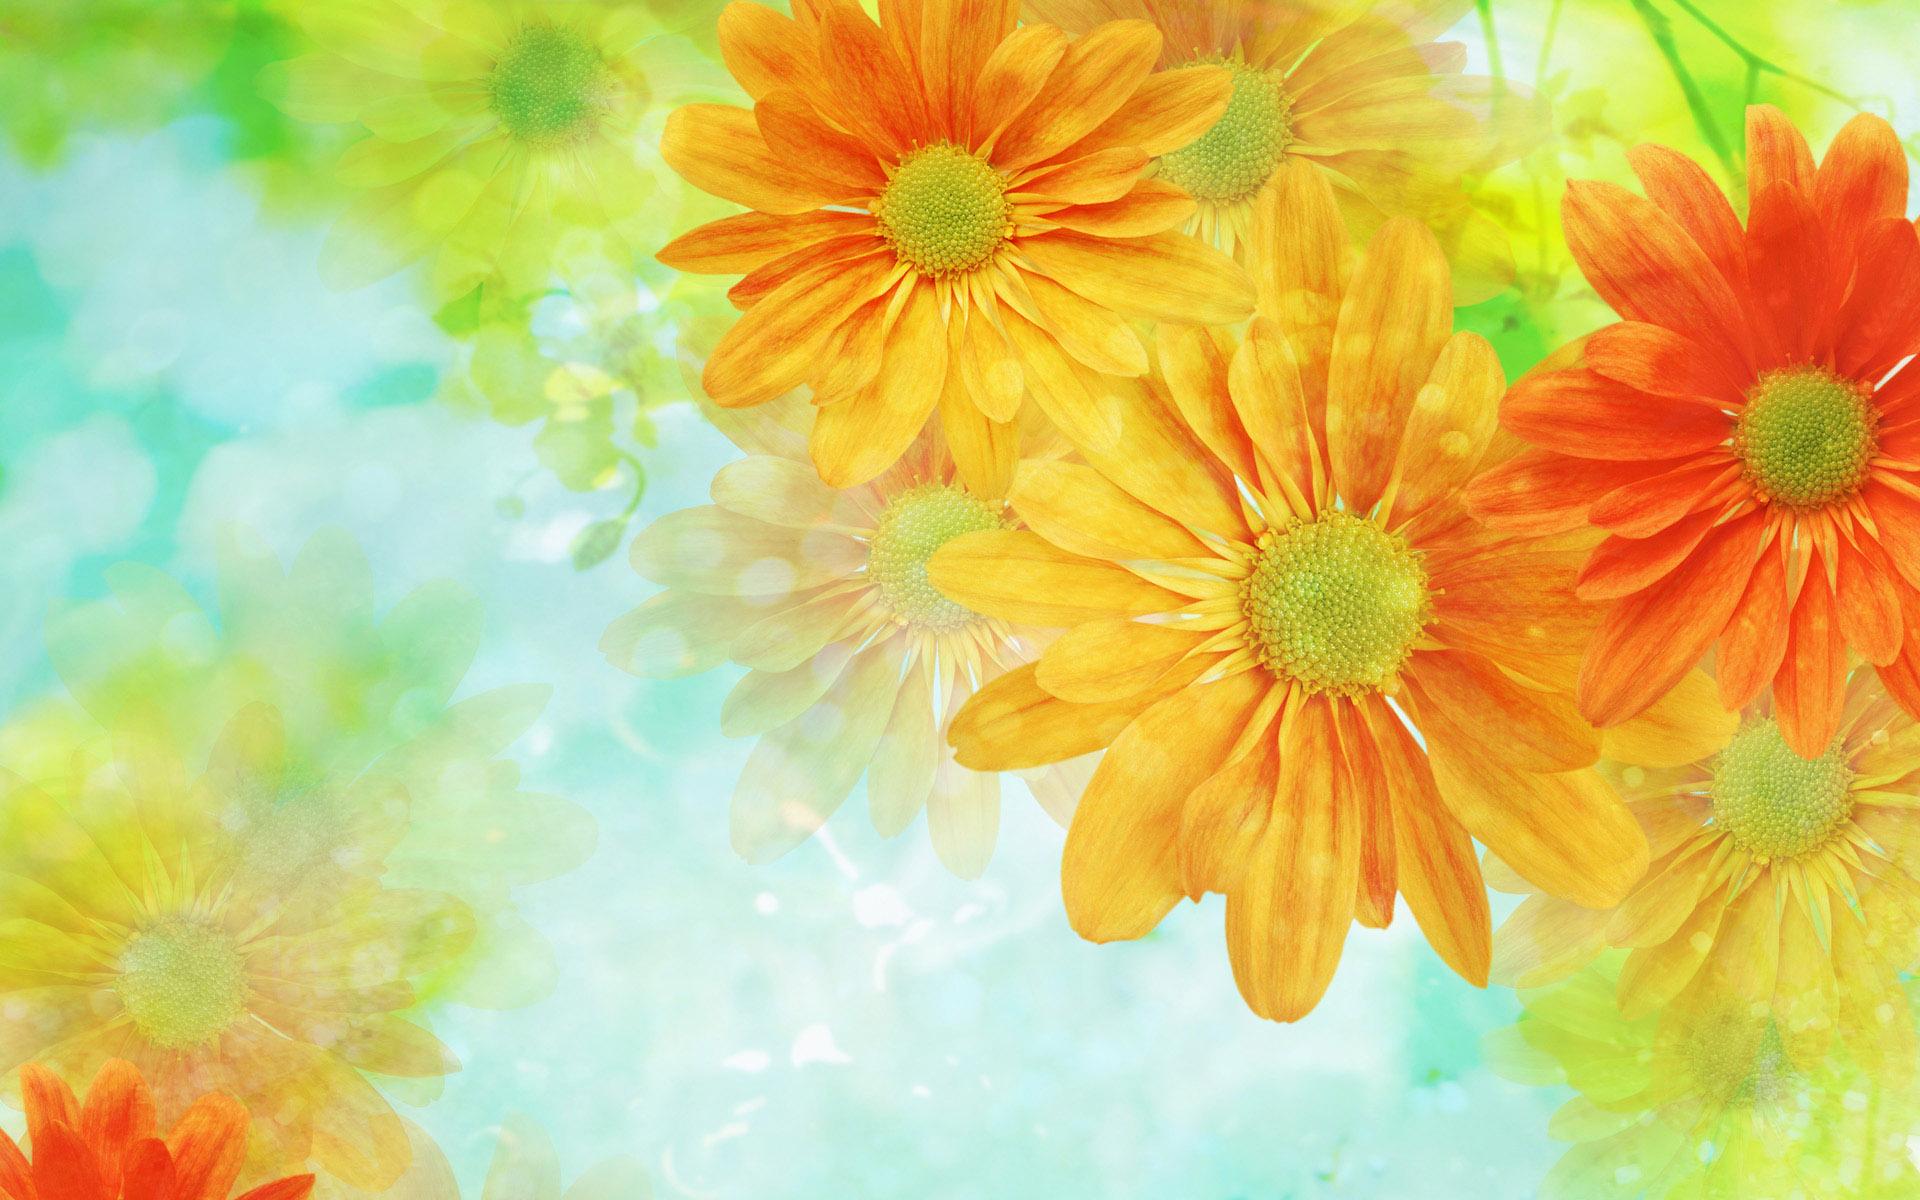 Красивые картинки букеты цветов фото » DreemPics.com ...